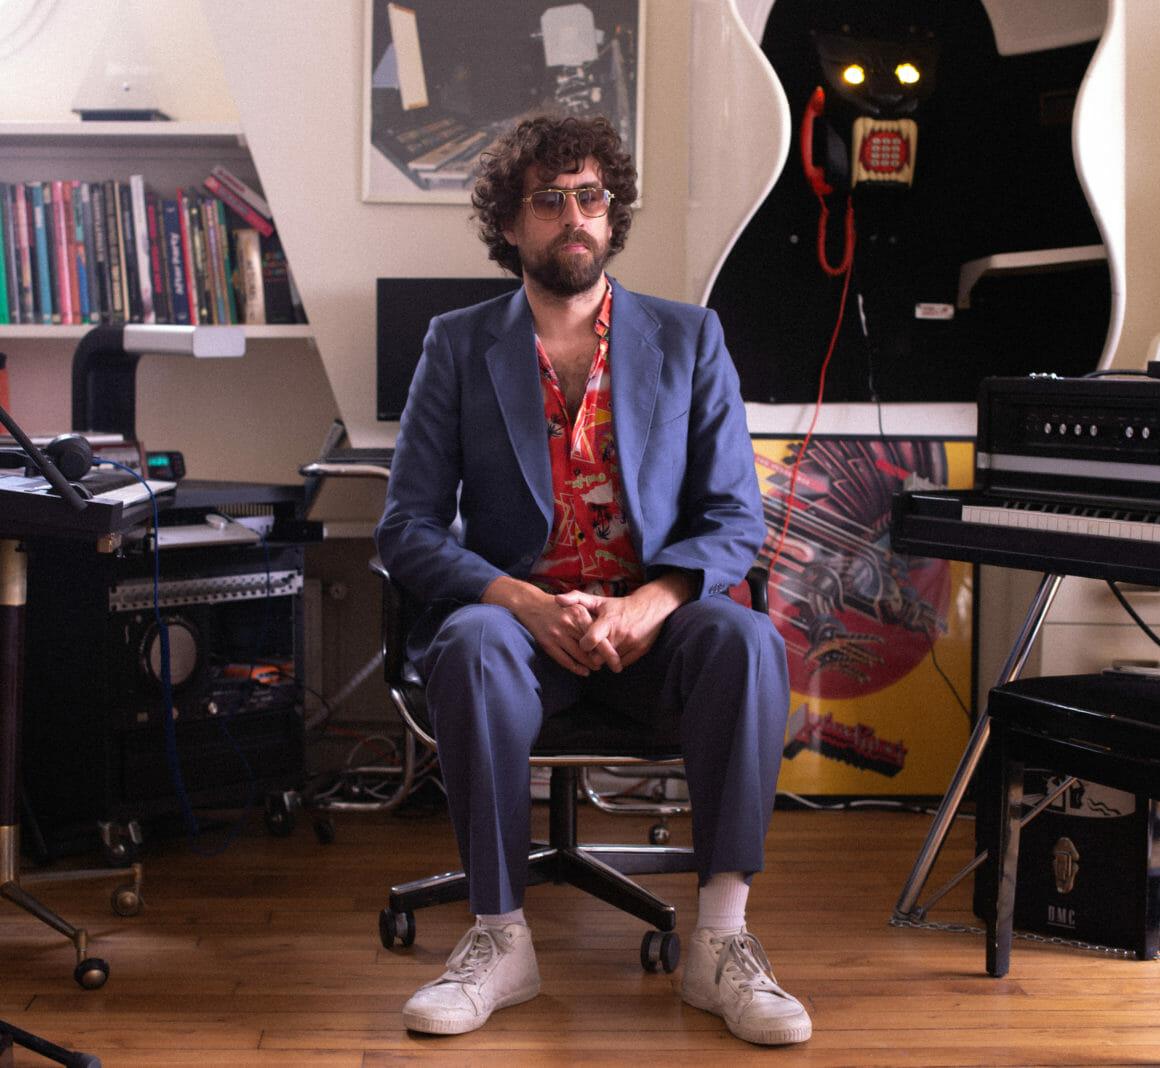 Gaspard Augé, vêtu d'un costume bleu et d'une chemise hawaïenne nous reçoit dans son studio pour nous parler de son album Escapades.